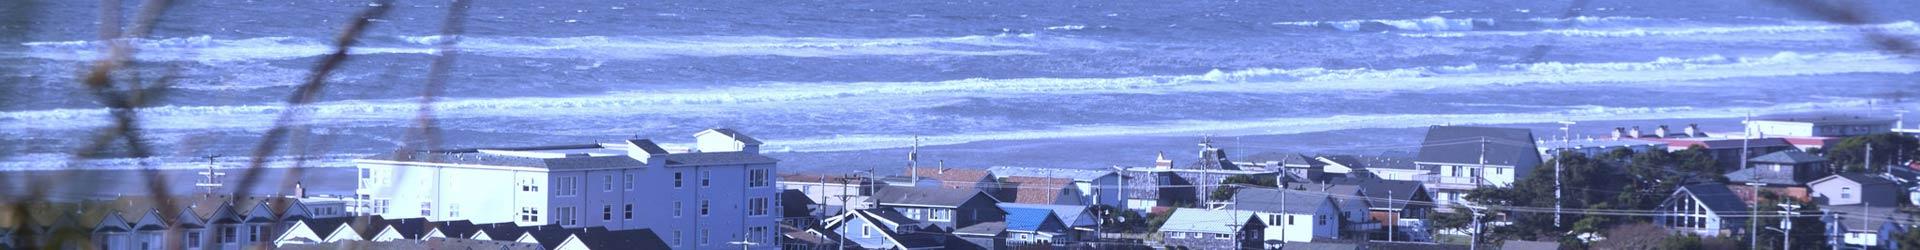 View of buildings and ocean, Rockaway Beach, Oregon